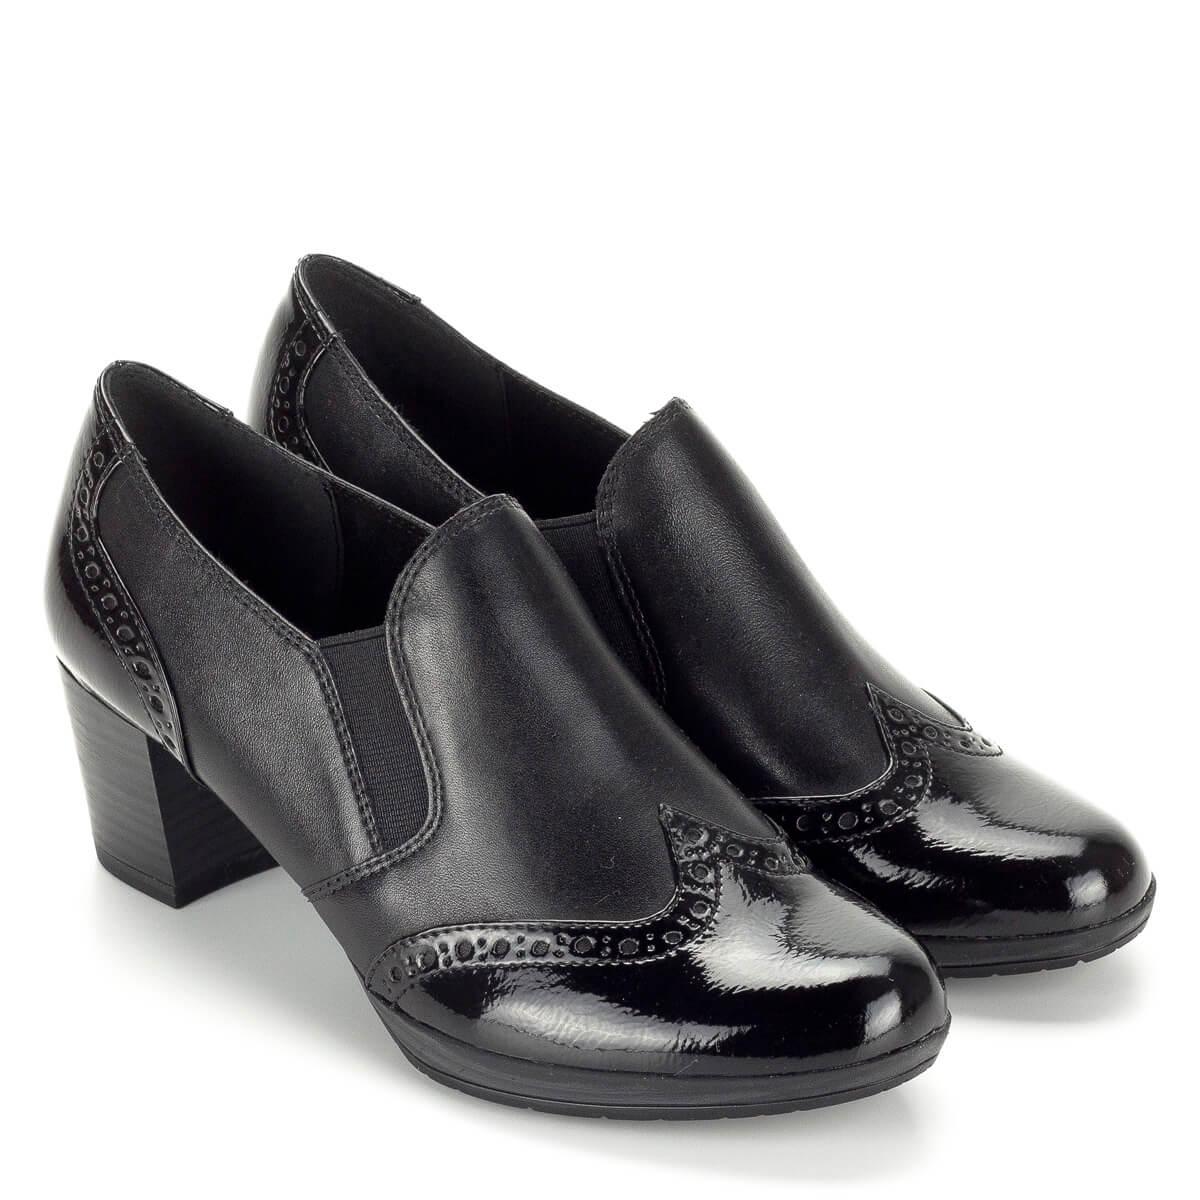 Marco Tozzi zárt női bőr cipő AntiShokk sarokkal. Felsőrésze két oldalt  gumi betétes d7ee2215d8